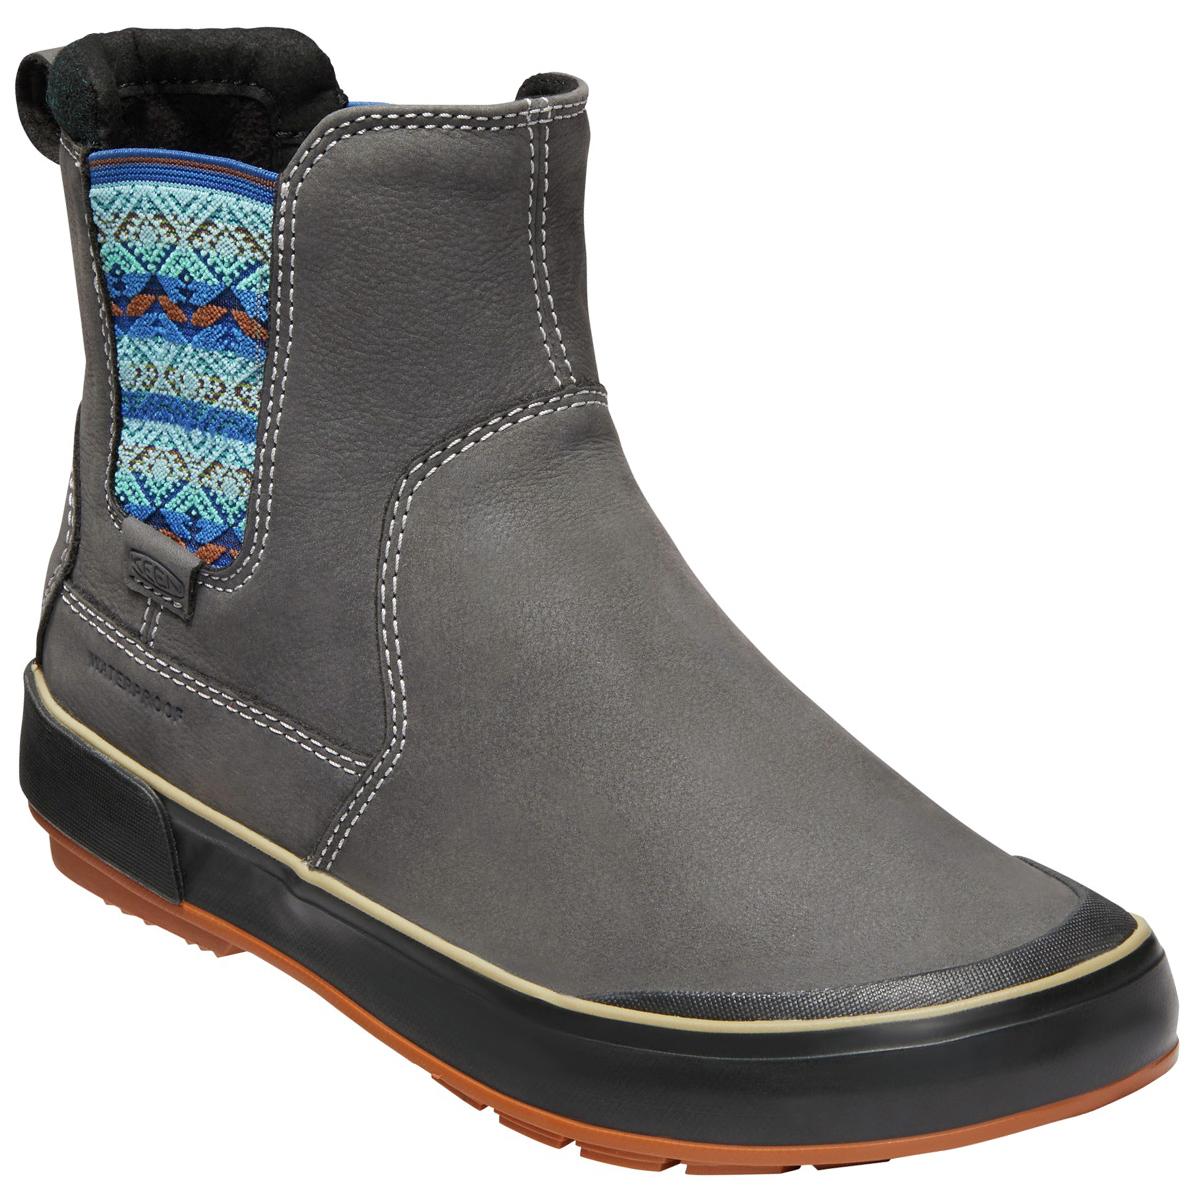 Keen Women's Elsa Ii Waterproof Insulated Chelsea Boots - Black, 7